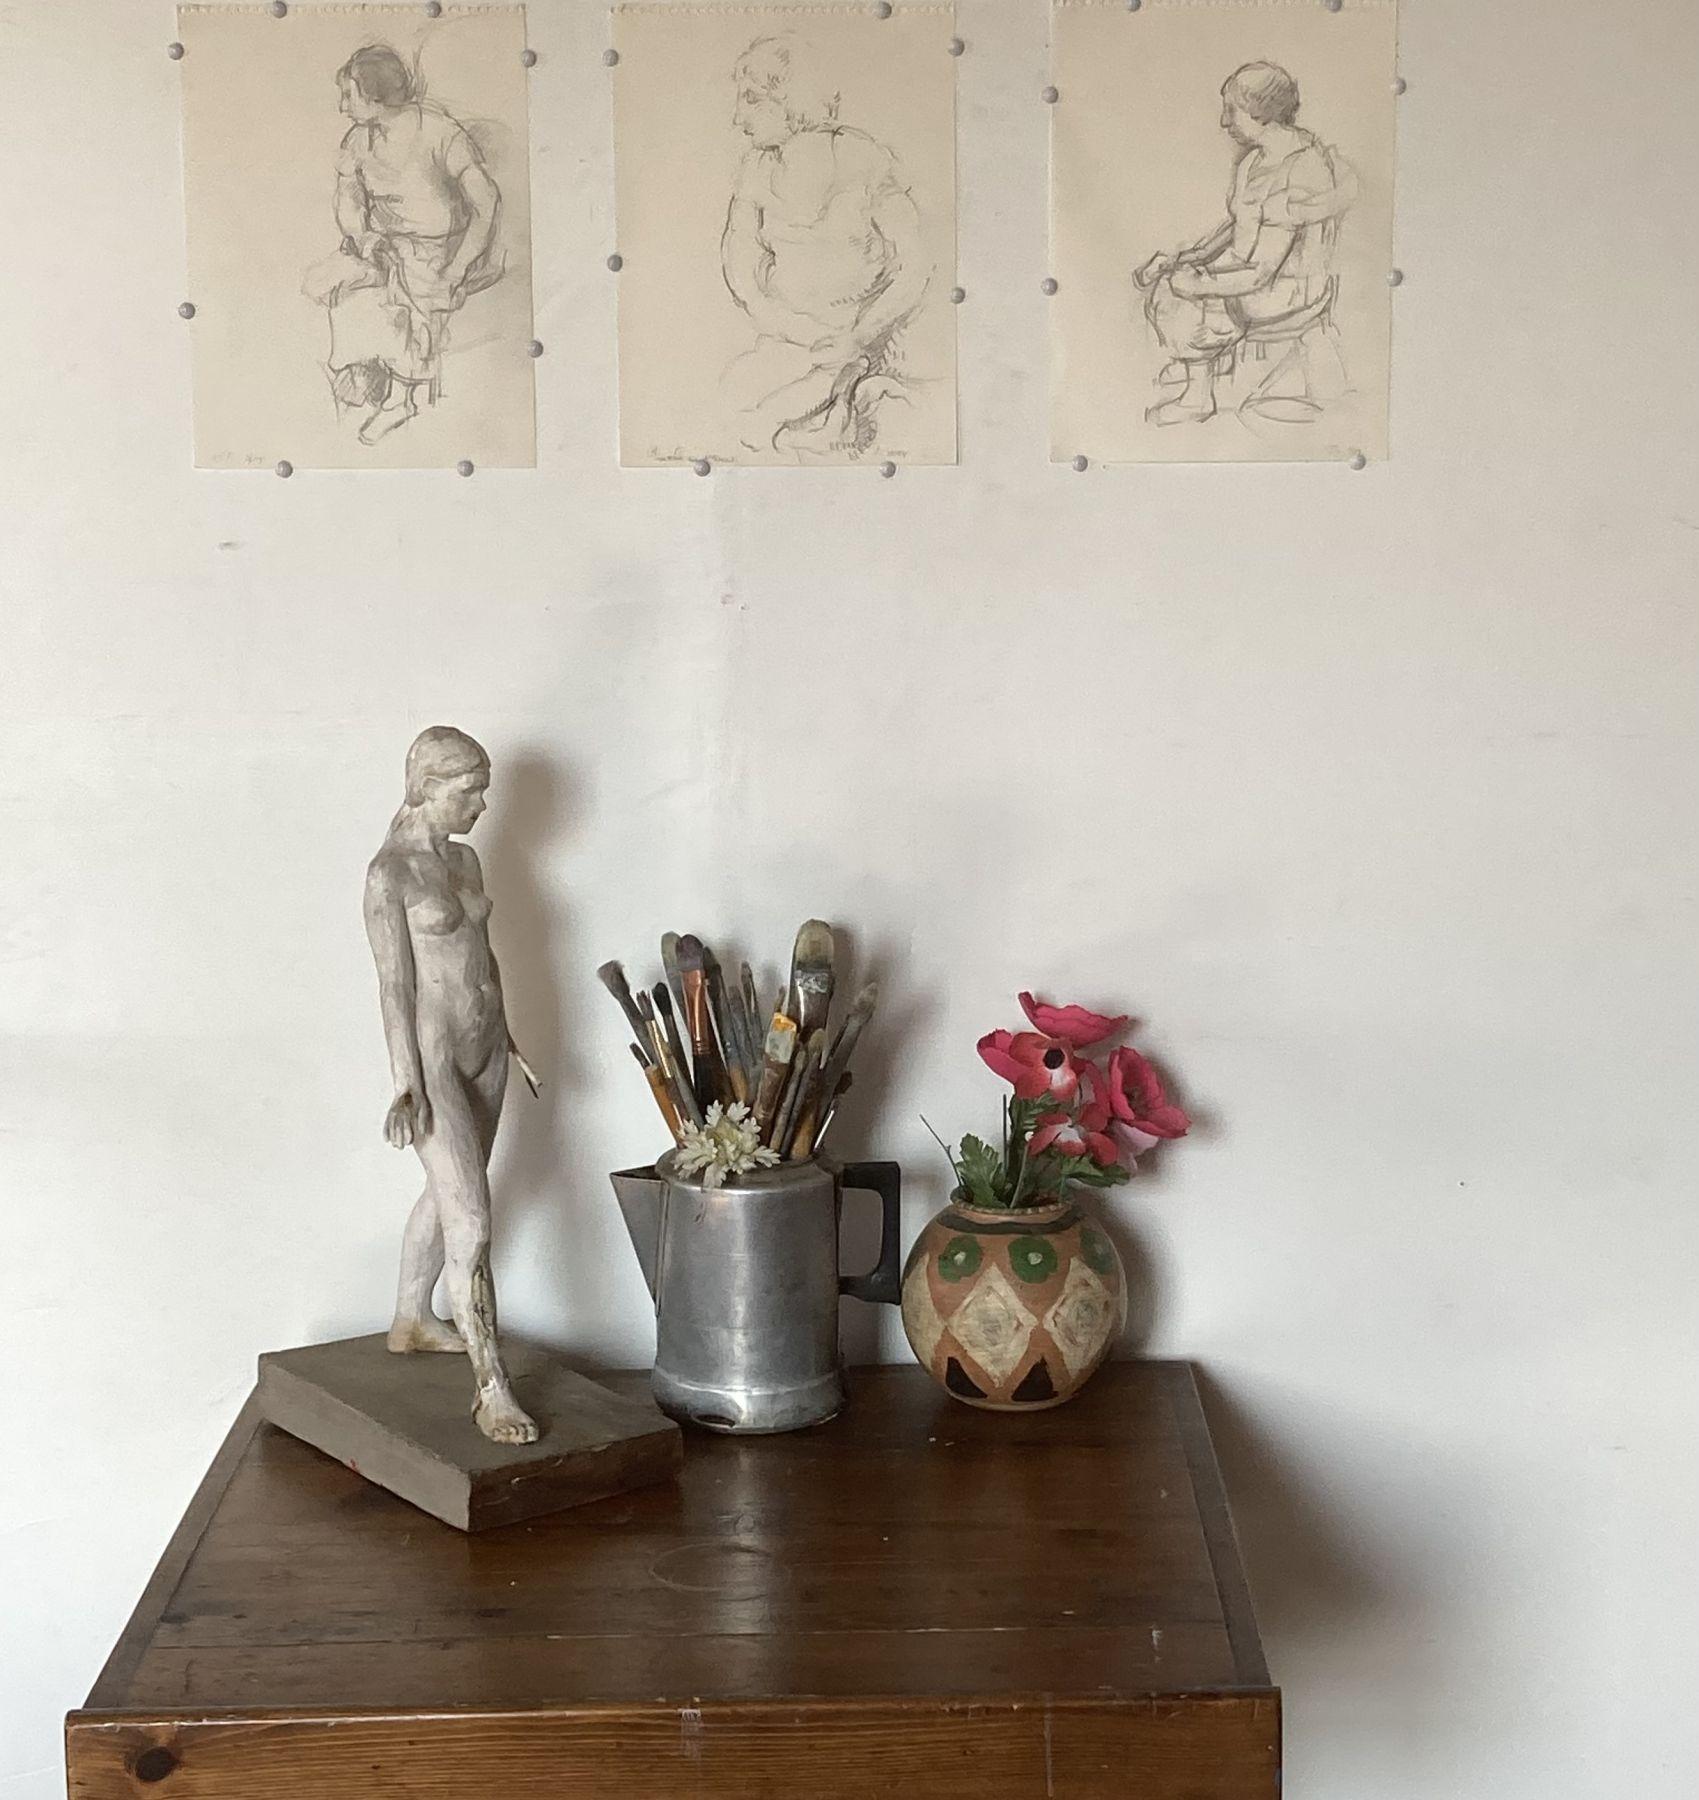 Eva's Photo of Doris Drawings